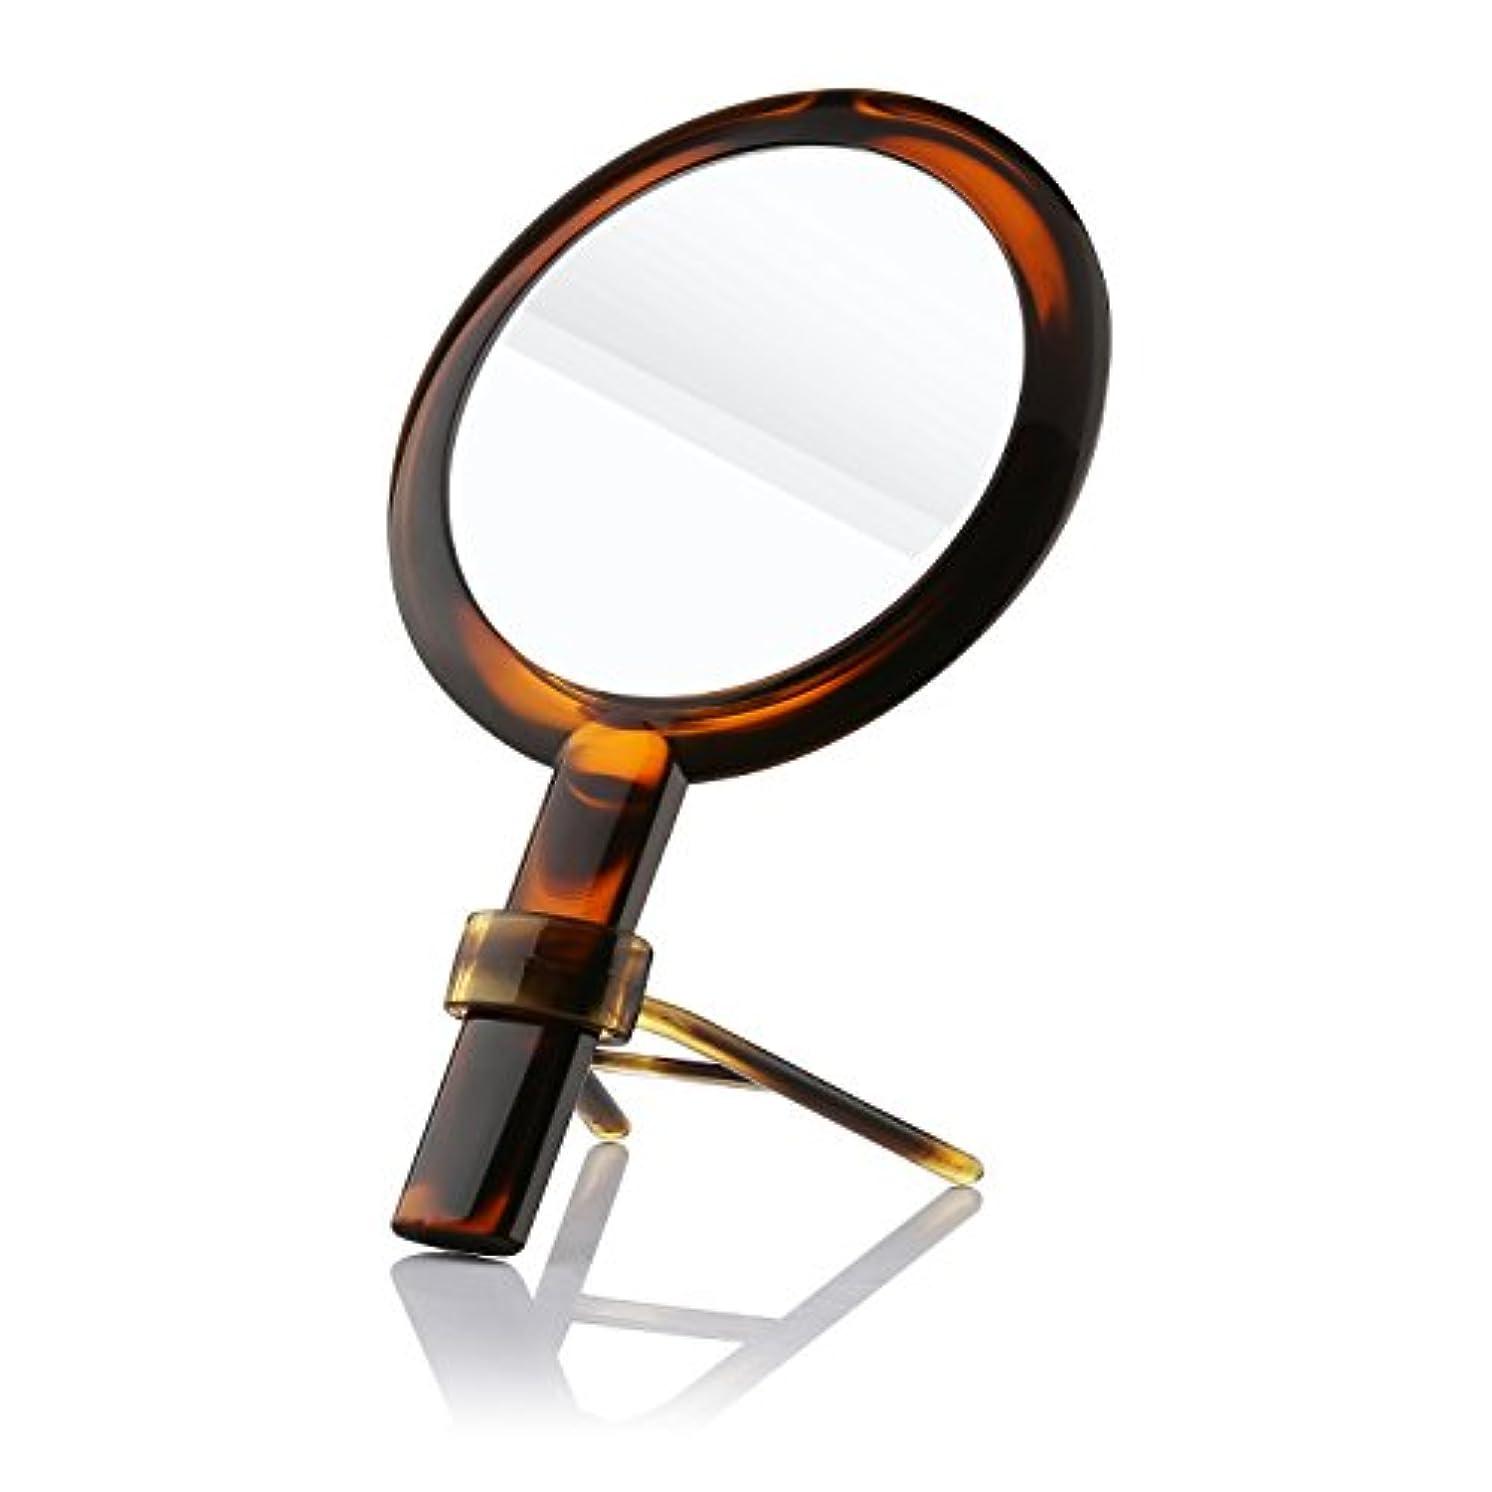 ウッズ友だち乏しい化粧ミラー Beautifive 化粧鏡 メイクミラー 等倍卓上両面鏡 7倍拡大スタンドミラー 手鏡 光学レズン高解像度